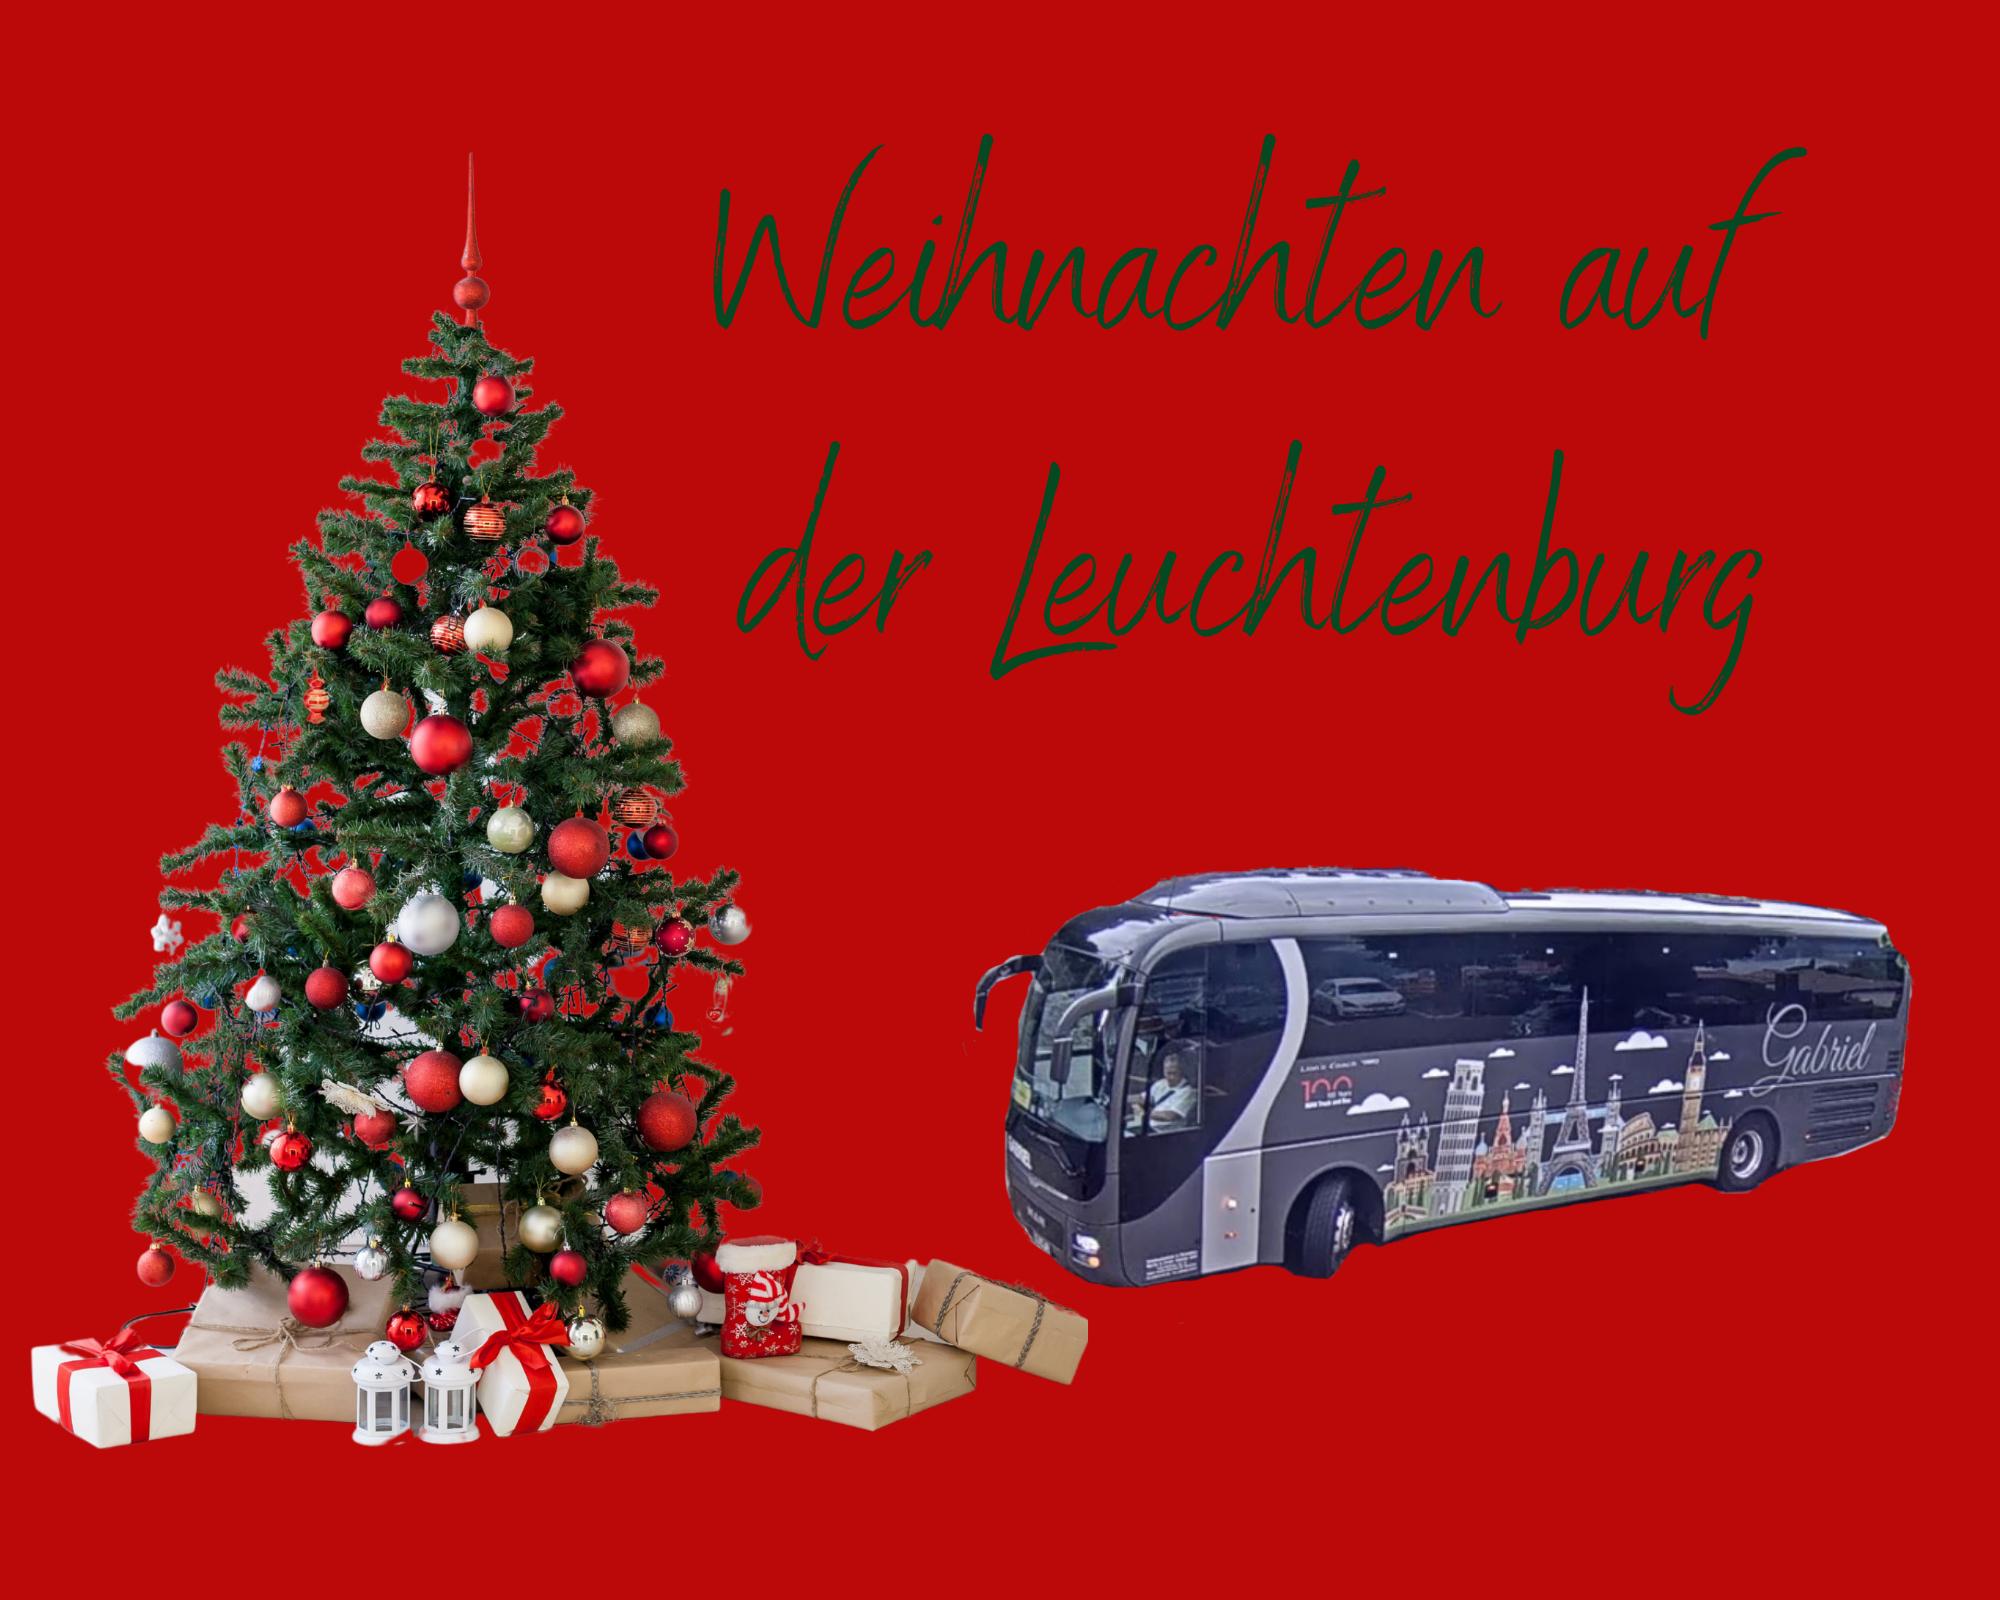 Weihnachten duftet, klingt und funkelt – besonders auf der Leuchtenburg am 04.12.2021